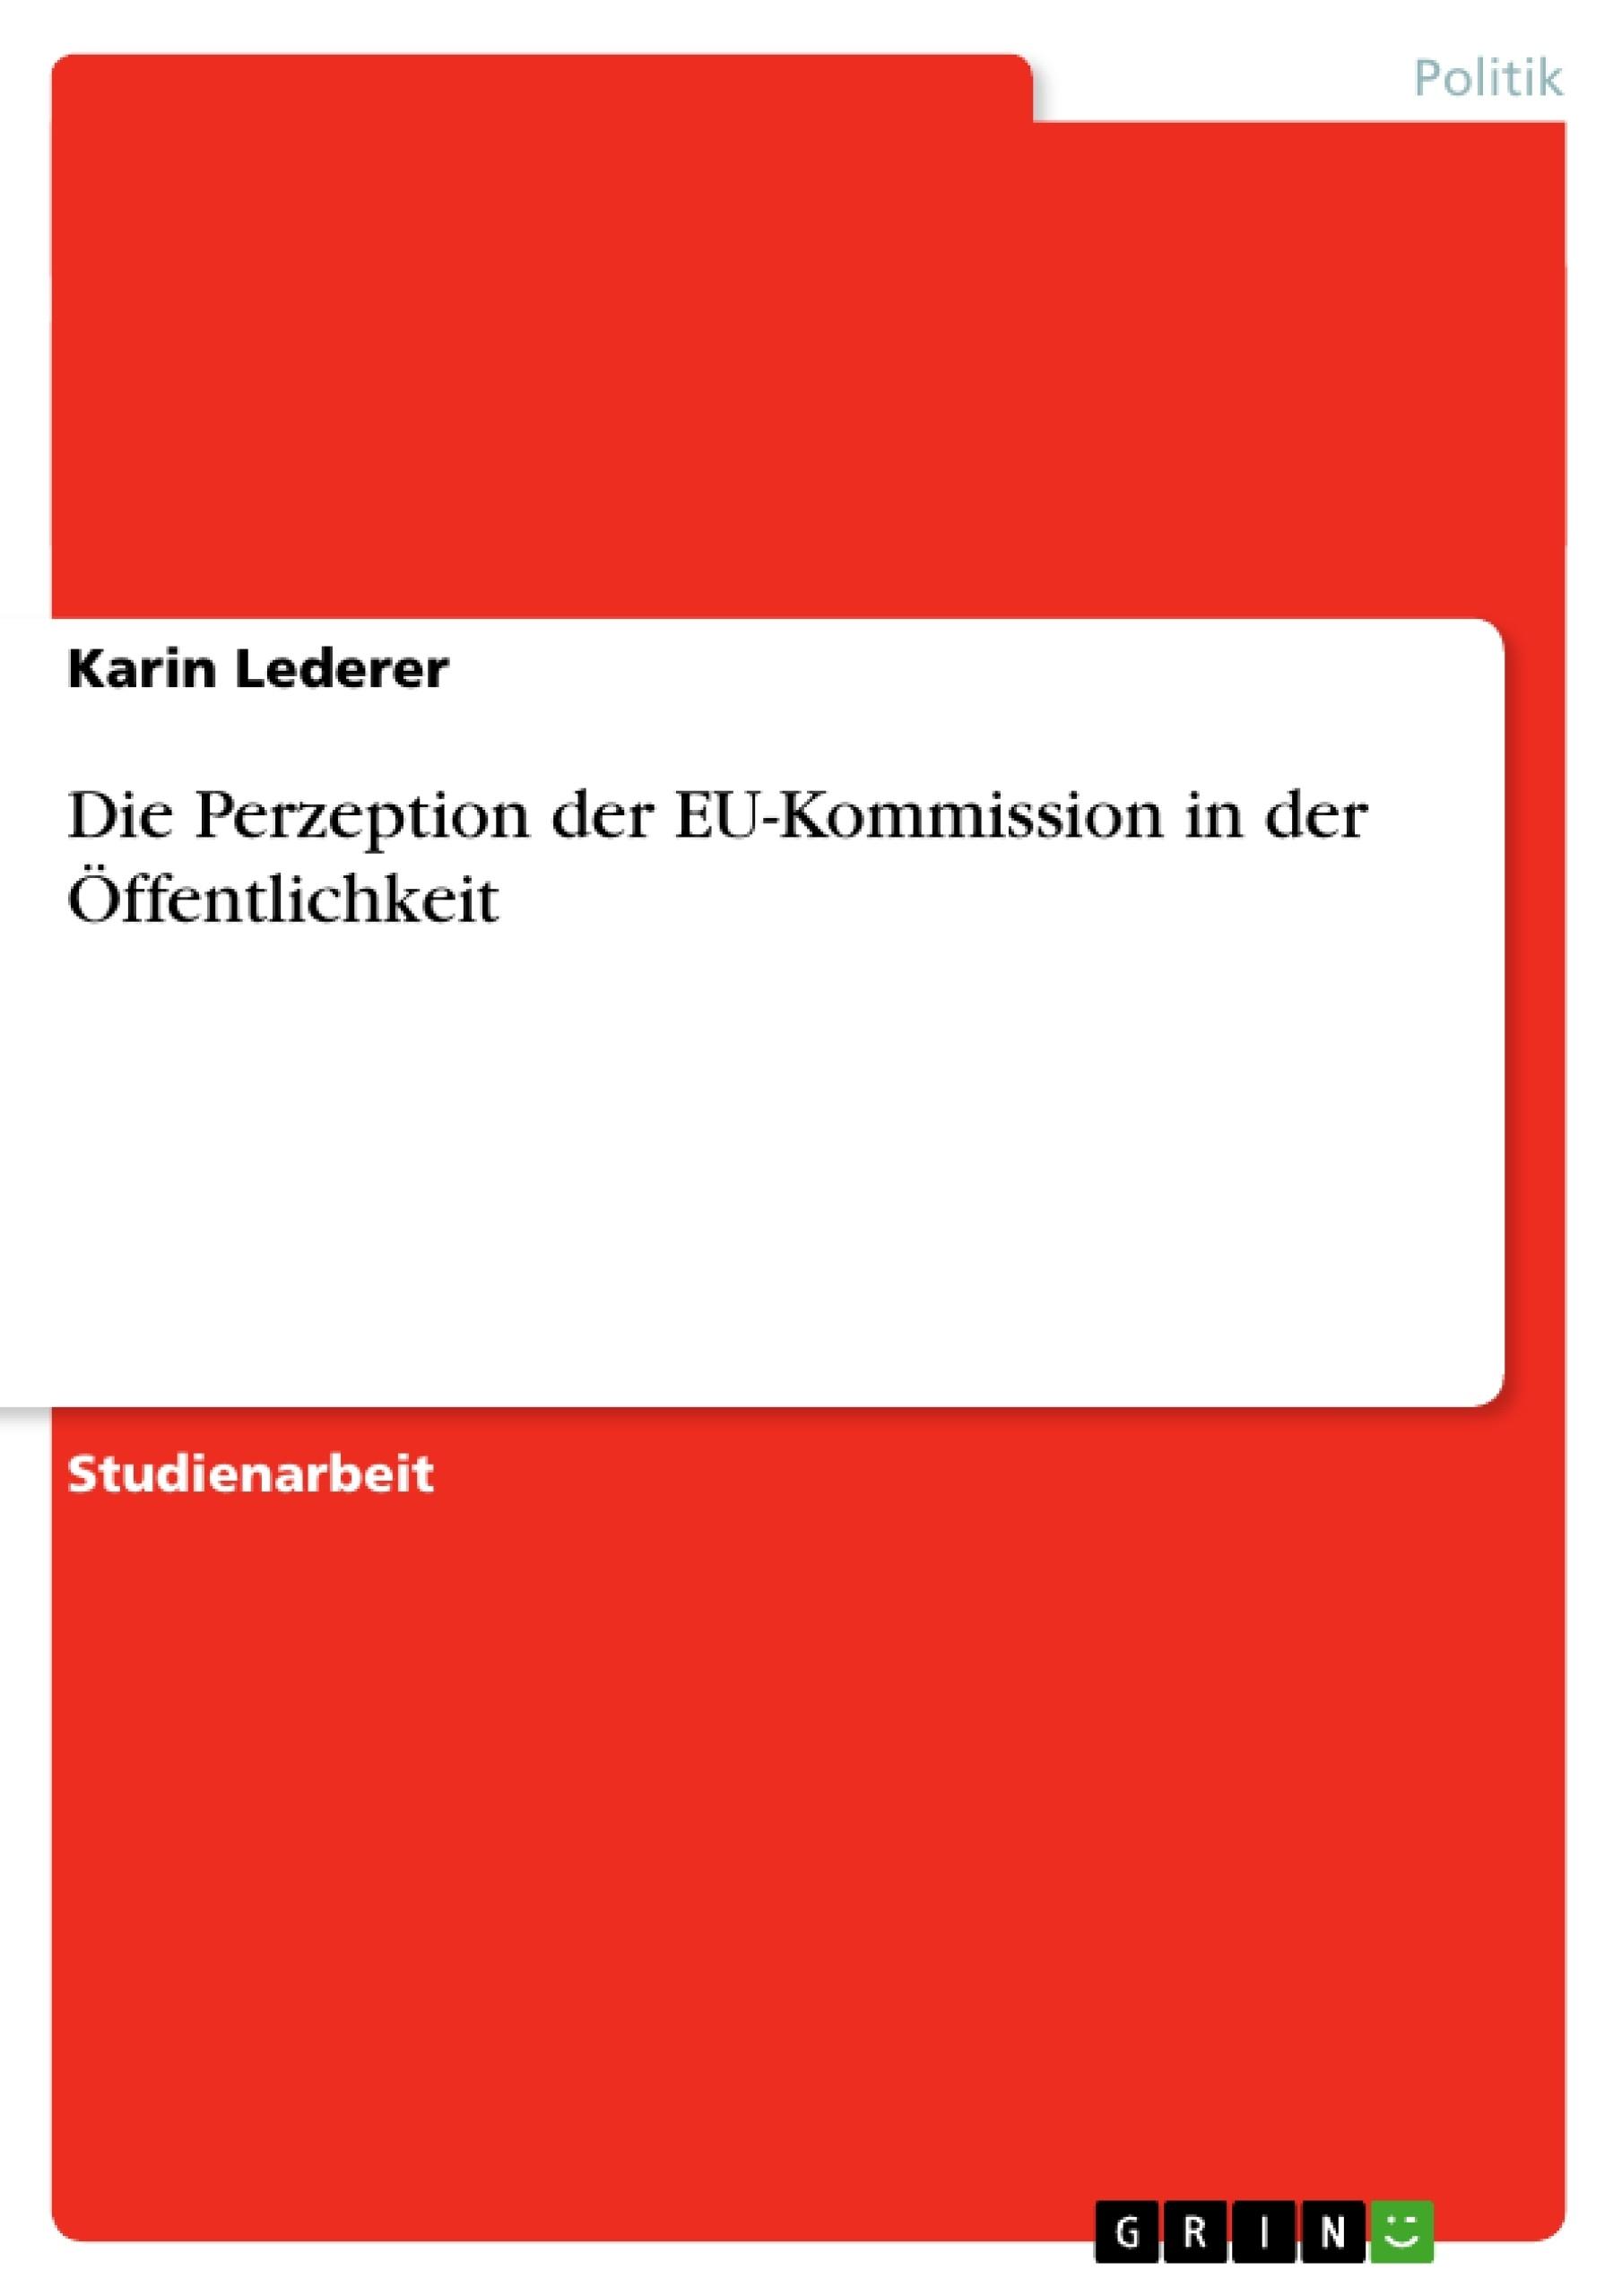 Titel: Die Perzeption der EU-Kommission in der Öffentlichkeit